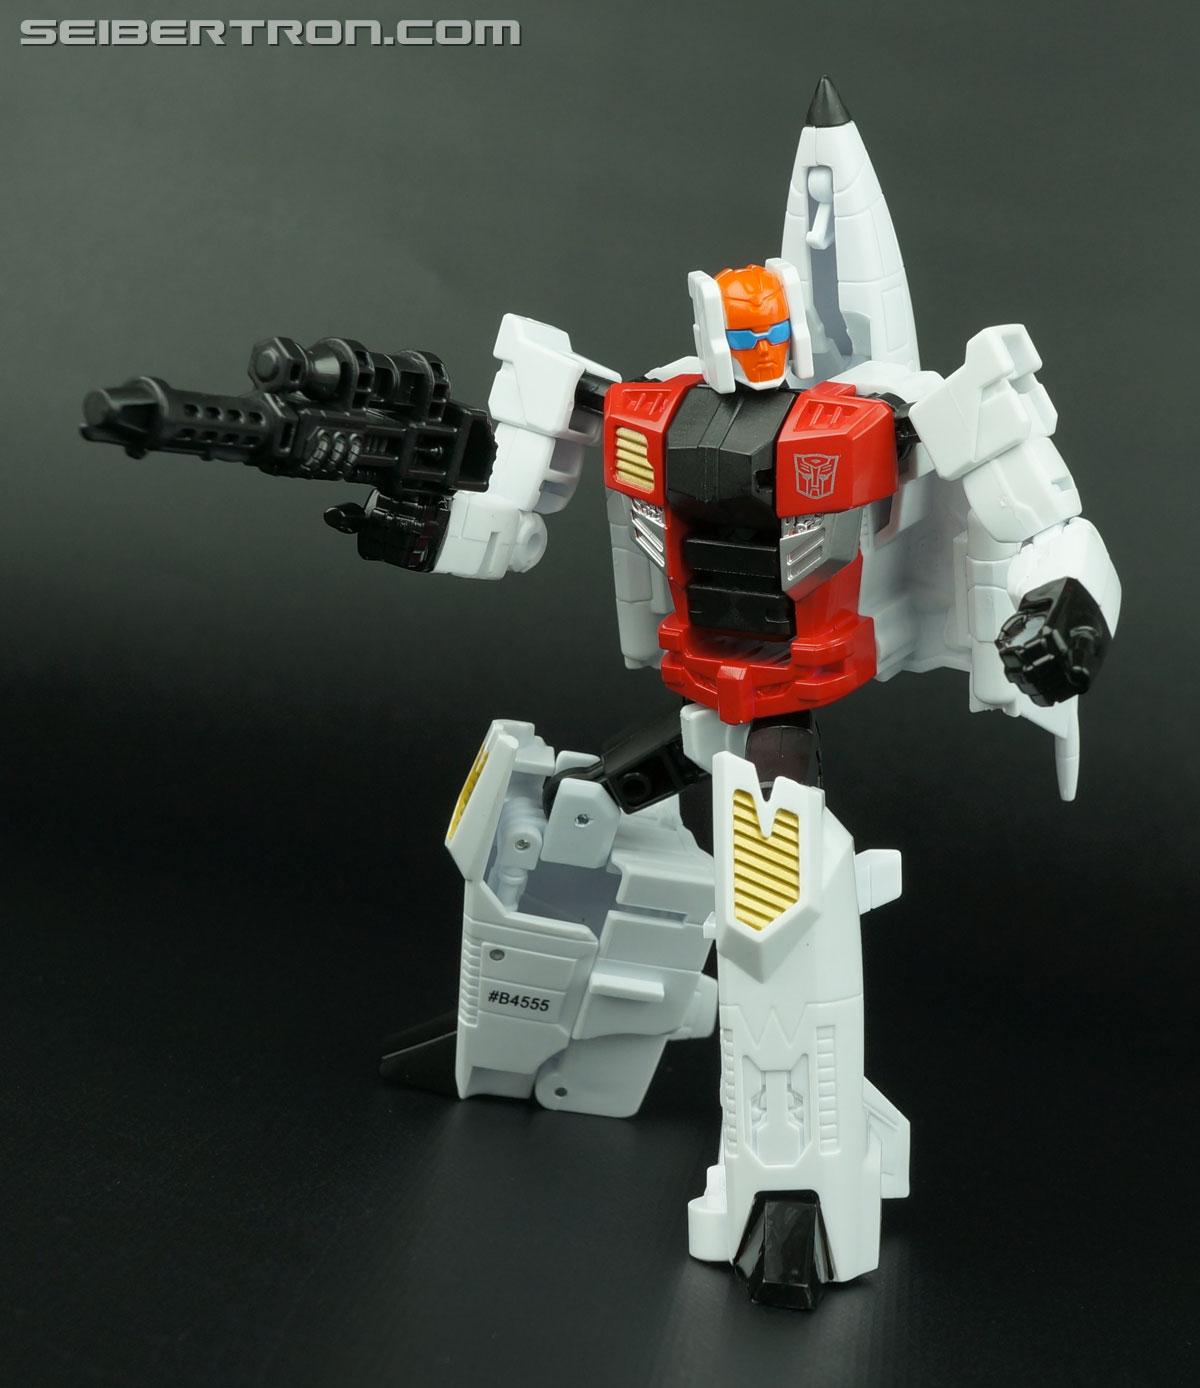 Transformers Generations Combiner Wars Quickslinger (Slingshot) (Image #126 of 217)